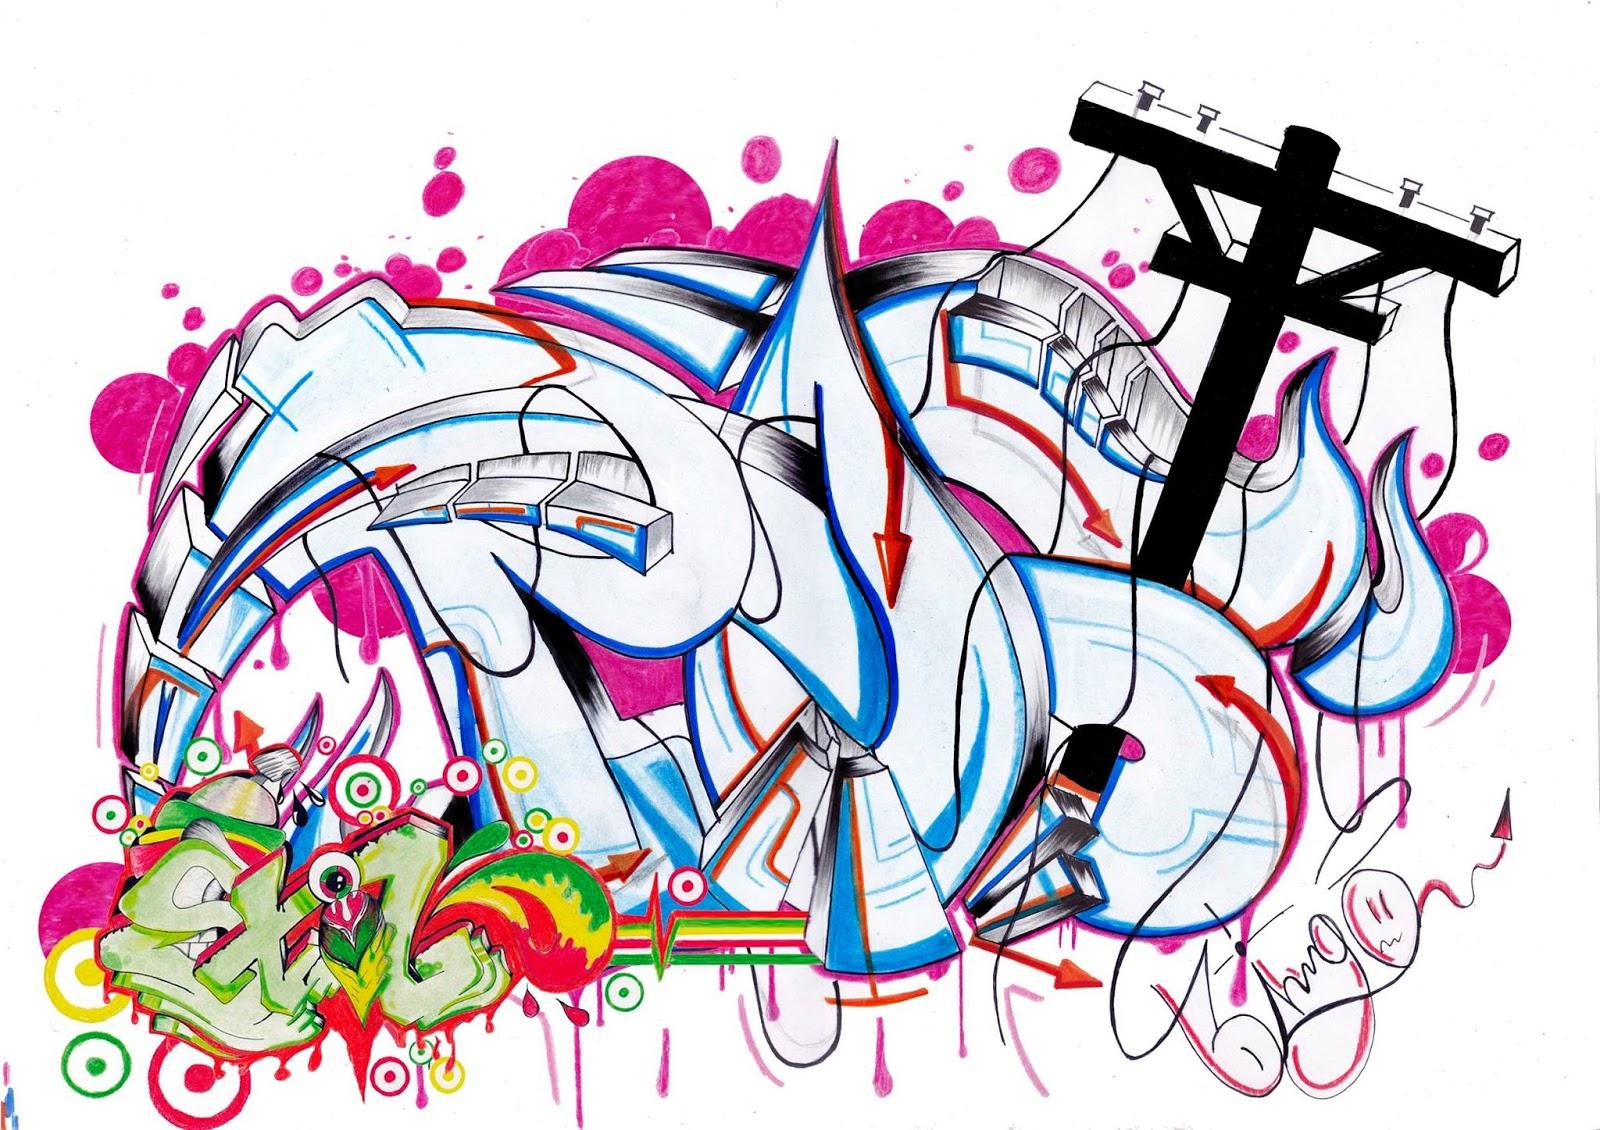 Graffiti post